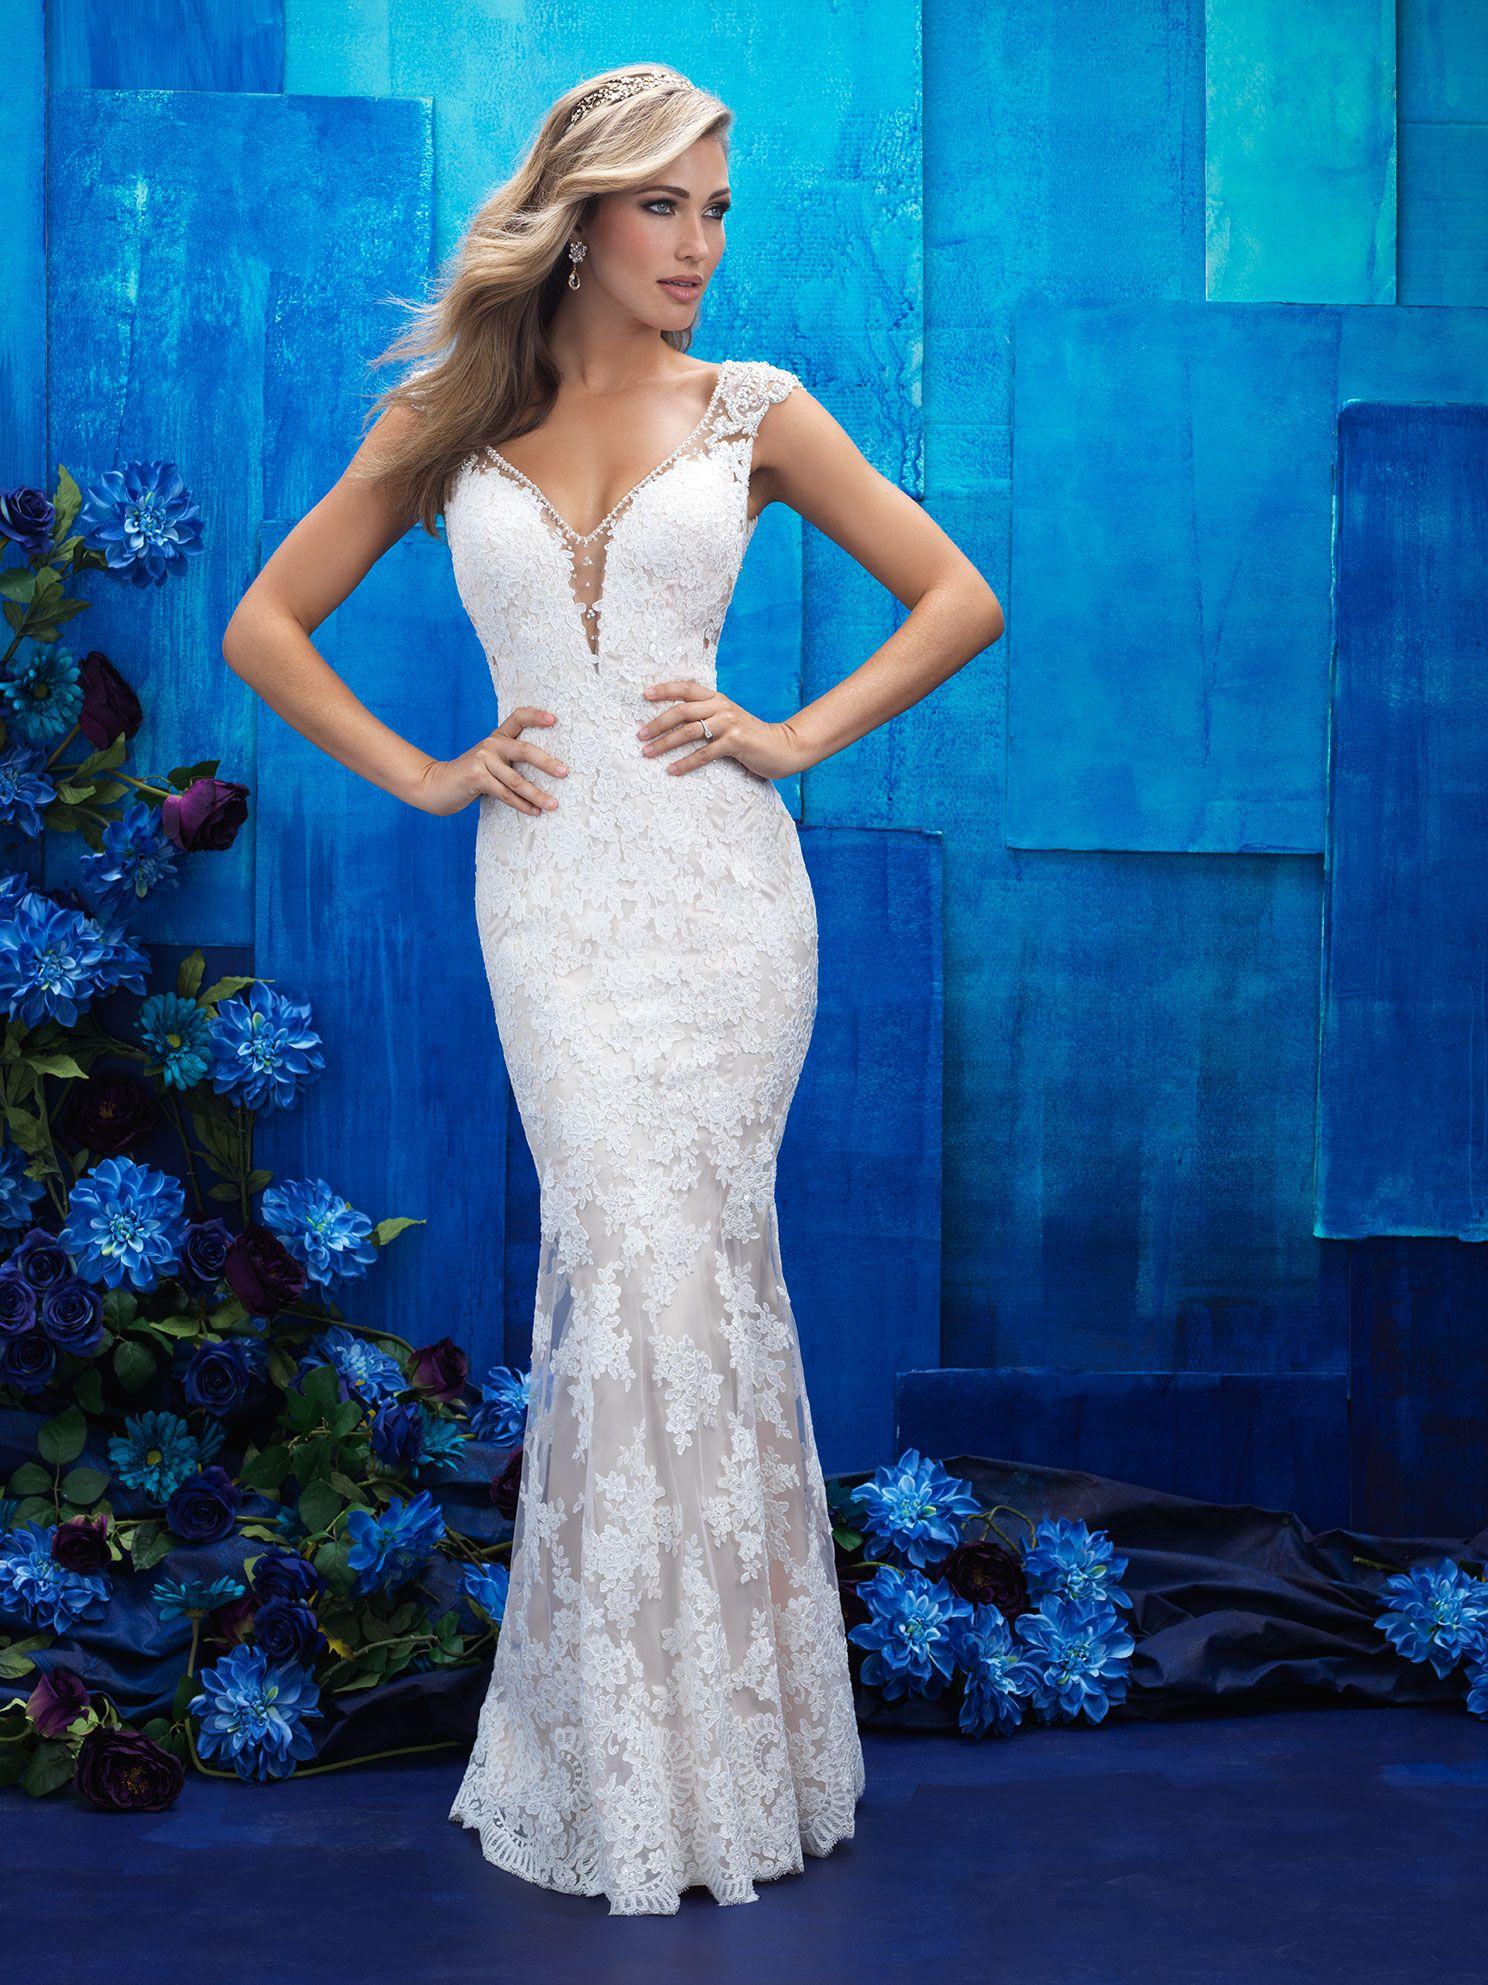 Allure bridals style 9409 allure bridals pinterest allure allure bridals style 9409 ombrellifo Choice Image